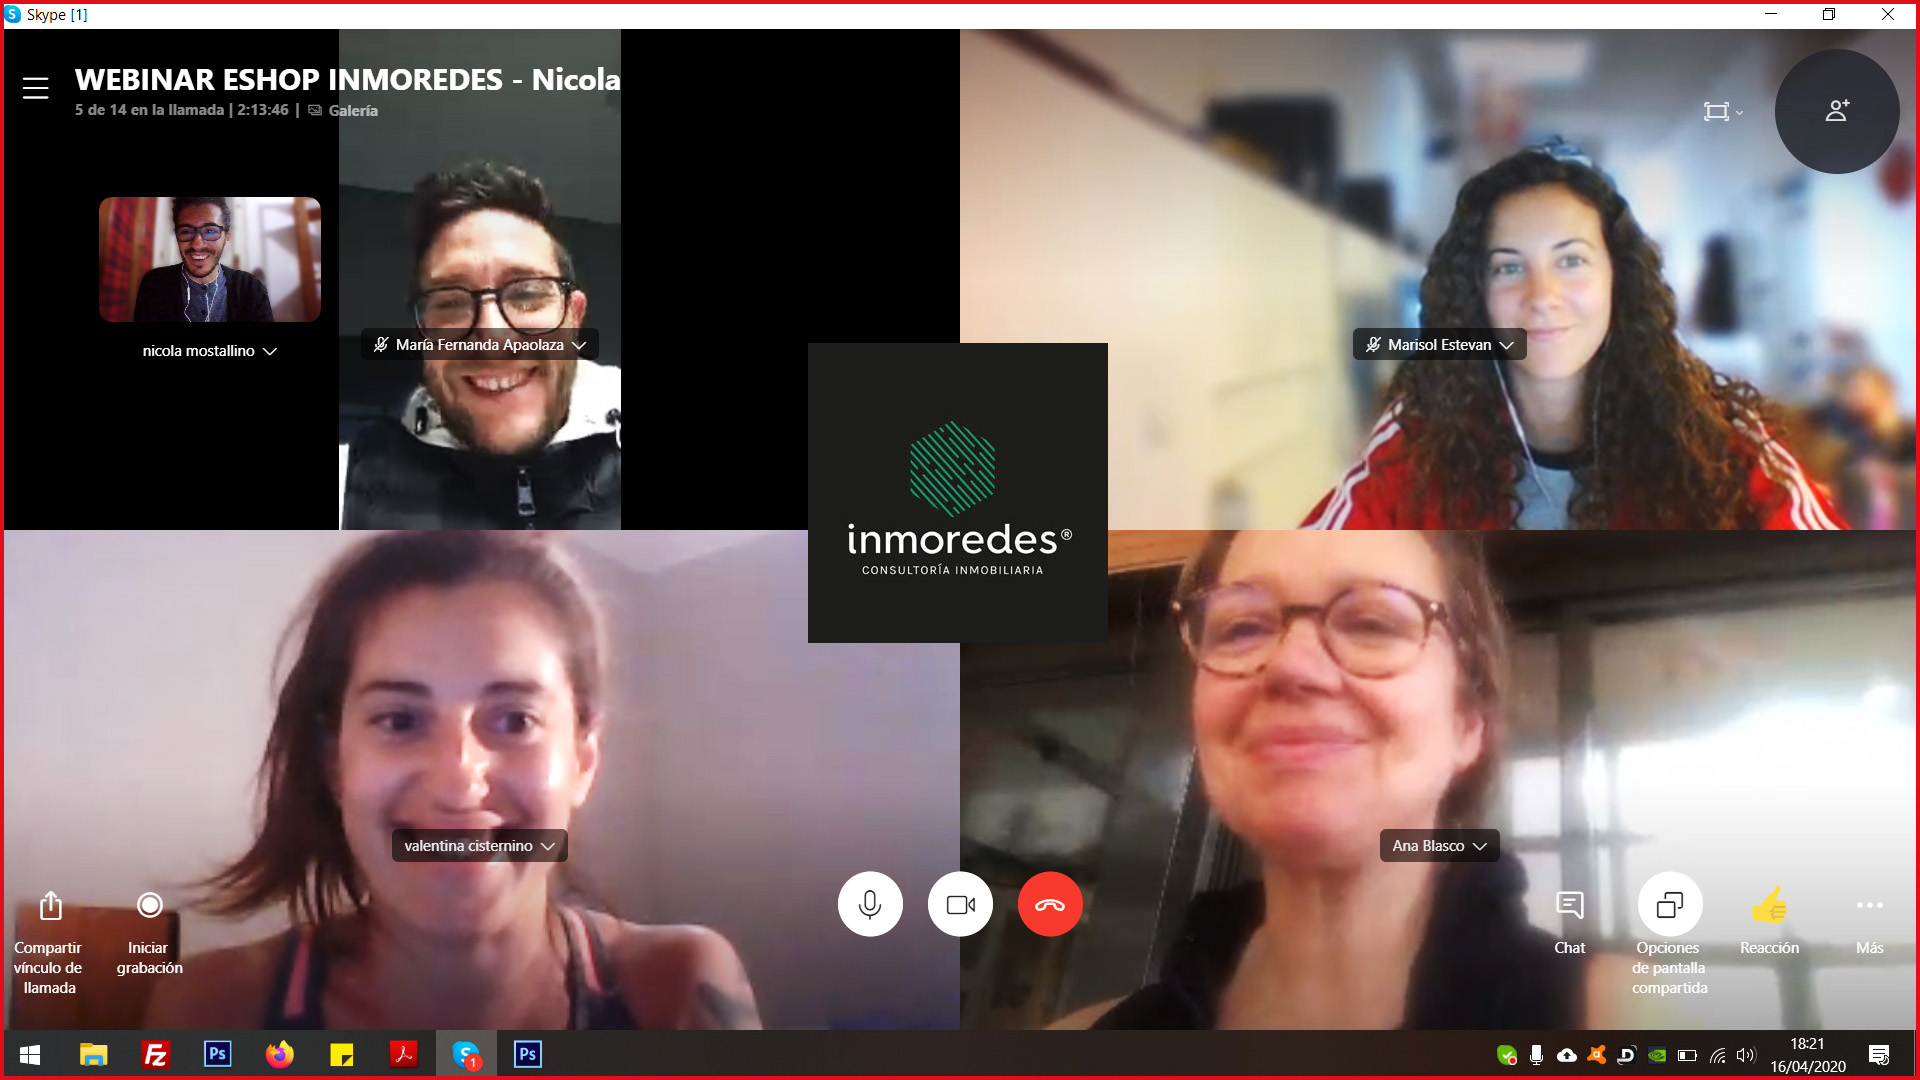 Curso Eshop Online Gratis Barcelona